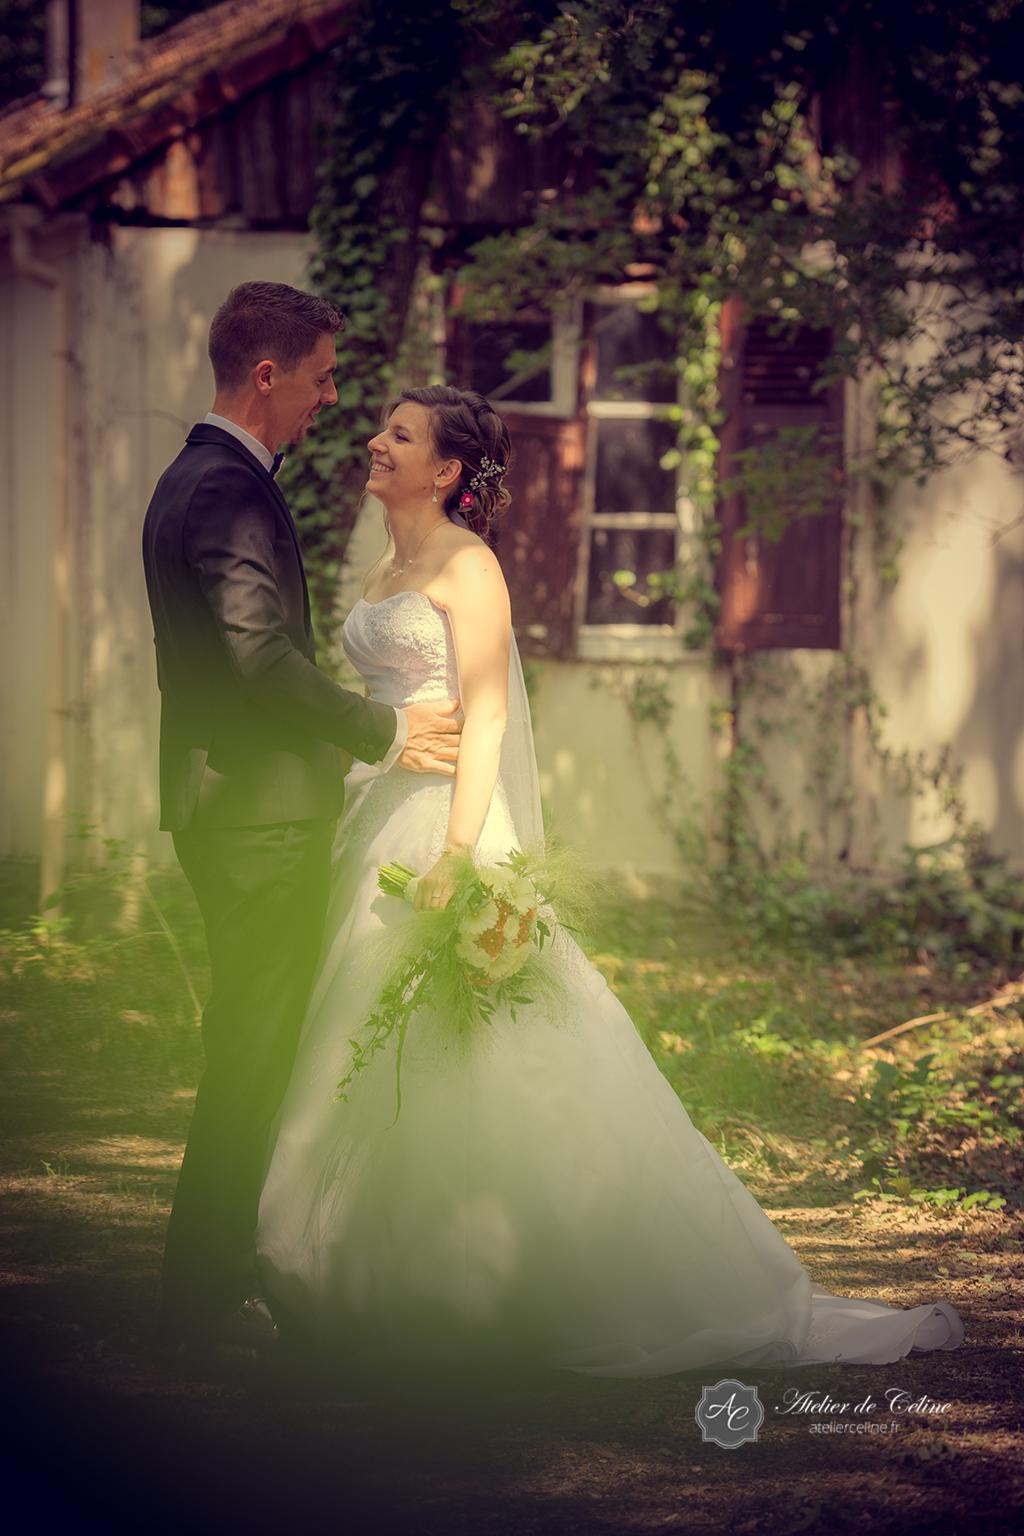 Séance extérieur, mariage, photos de couple, homme, femme (3)